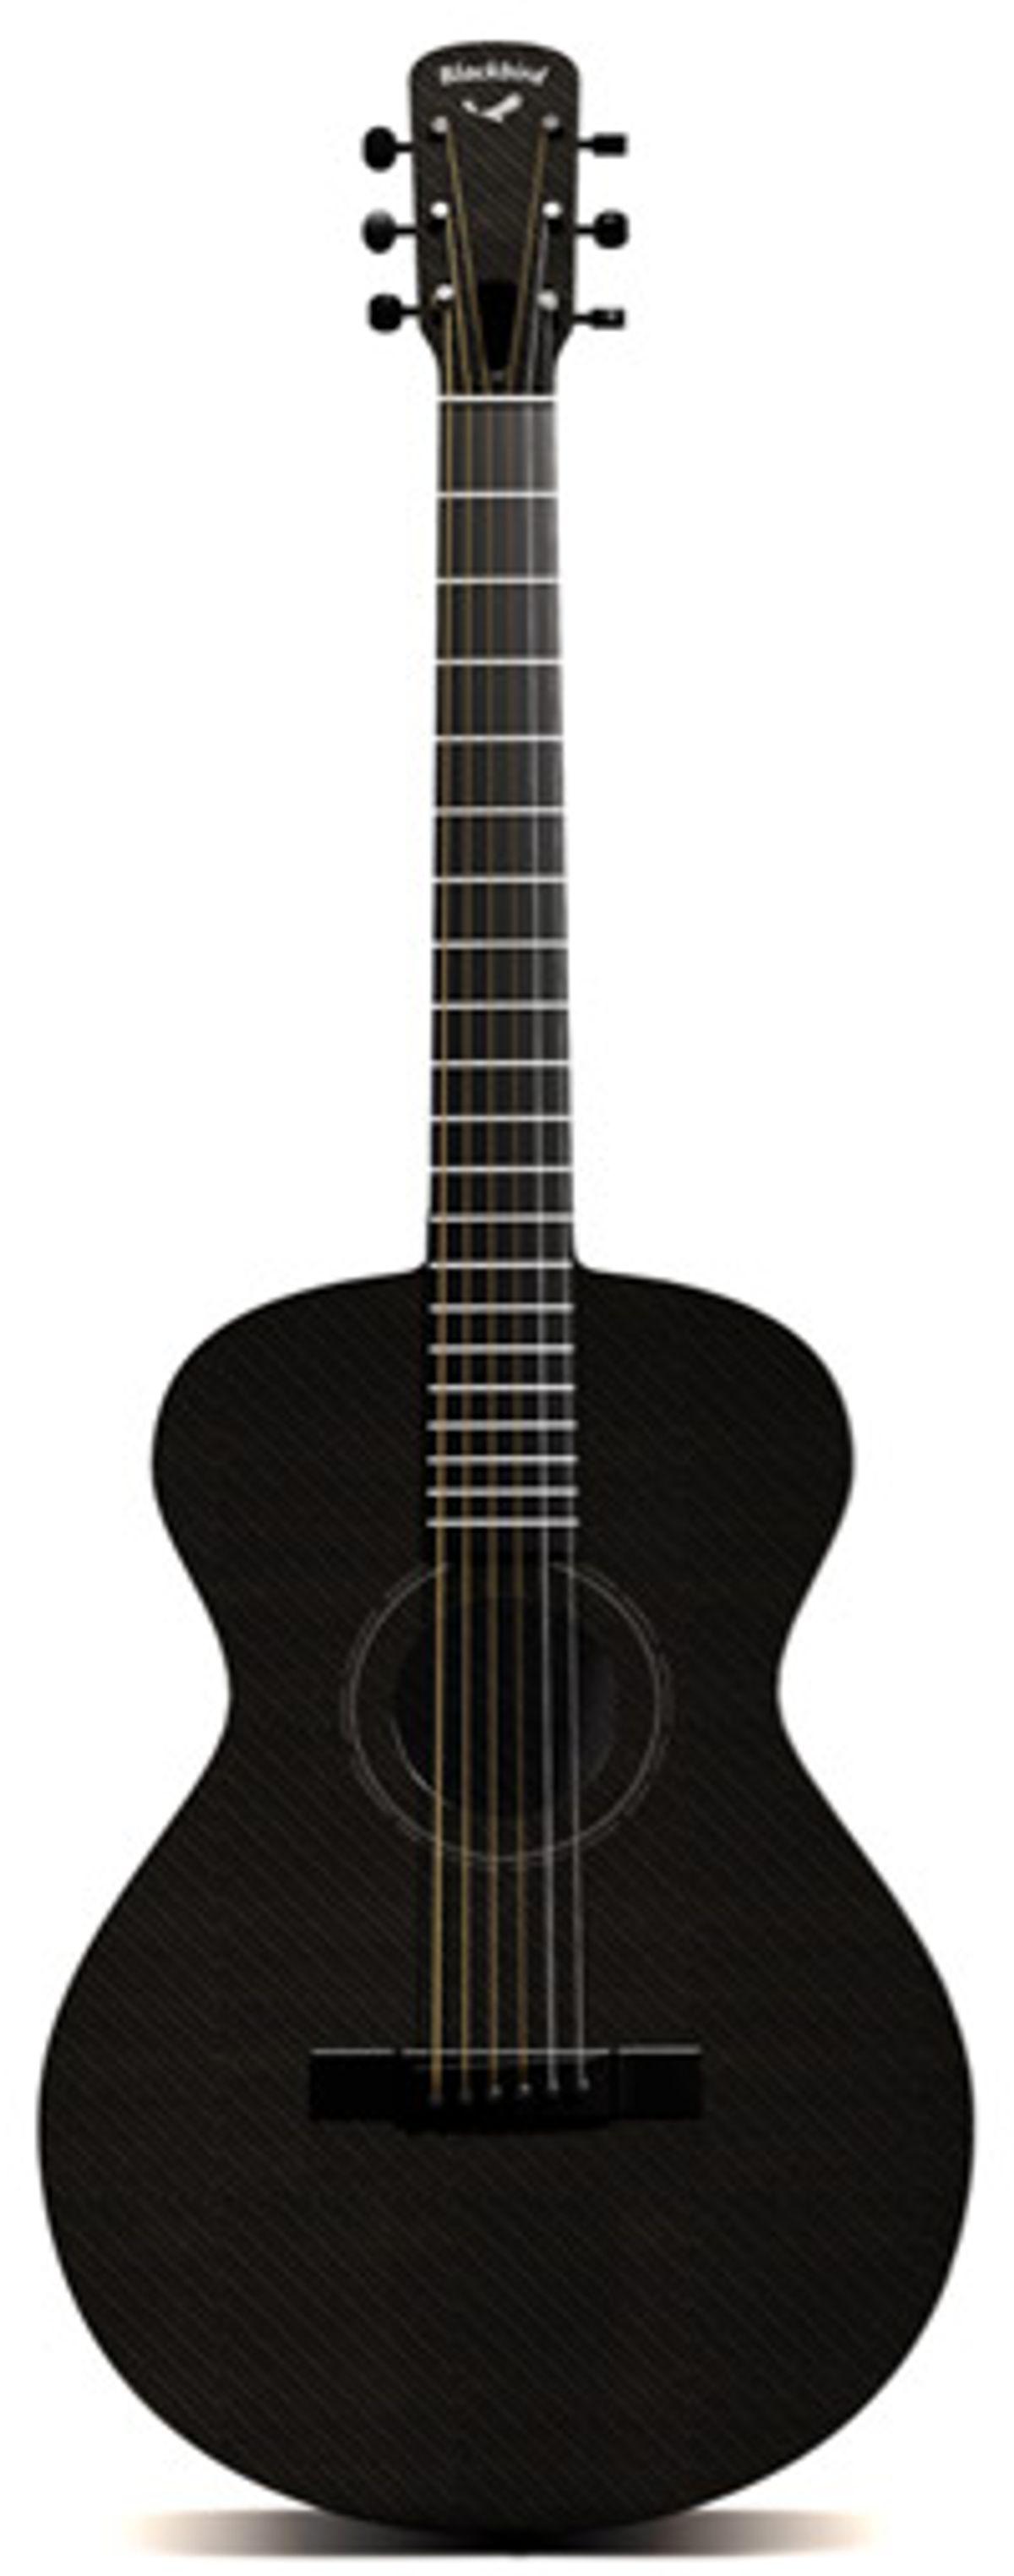 Blackbird Guitars Debuts Blackbird Lucky 13 Small-Body Guitar